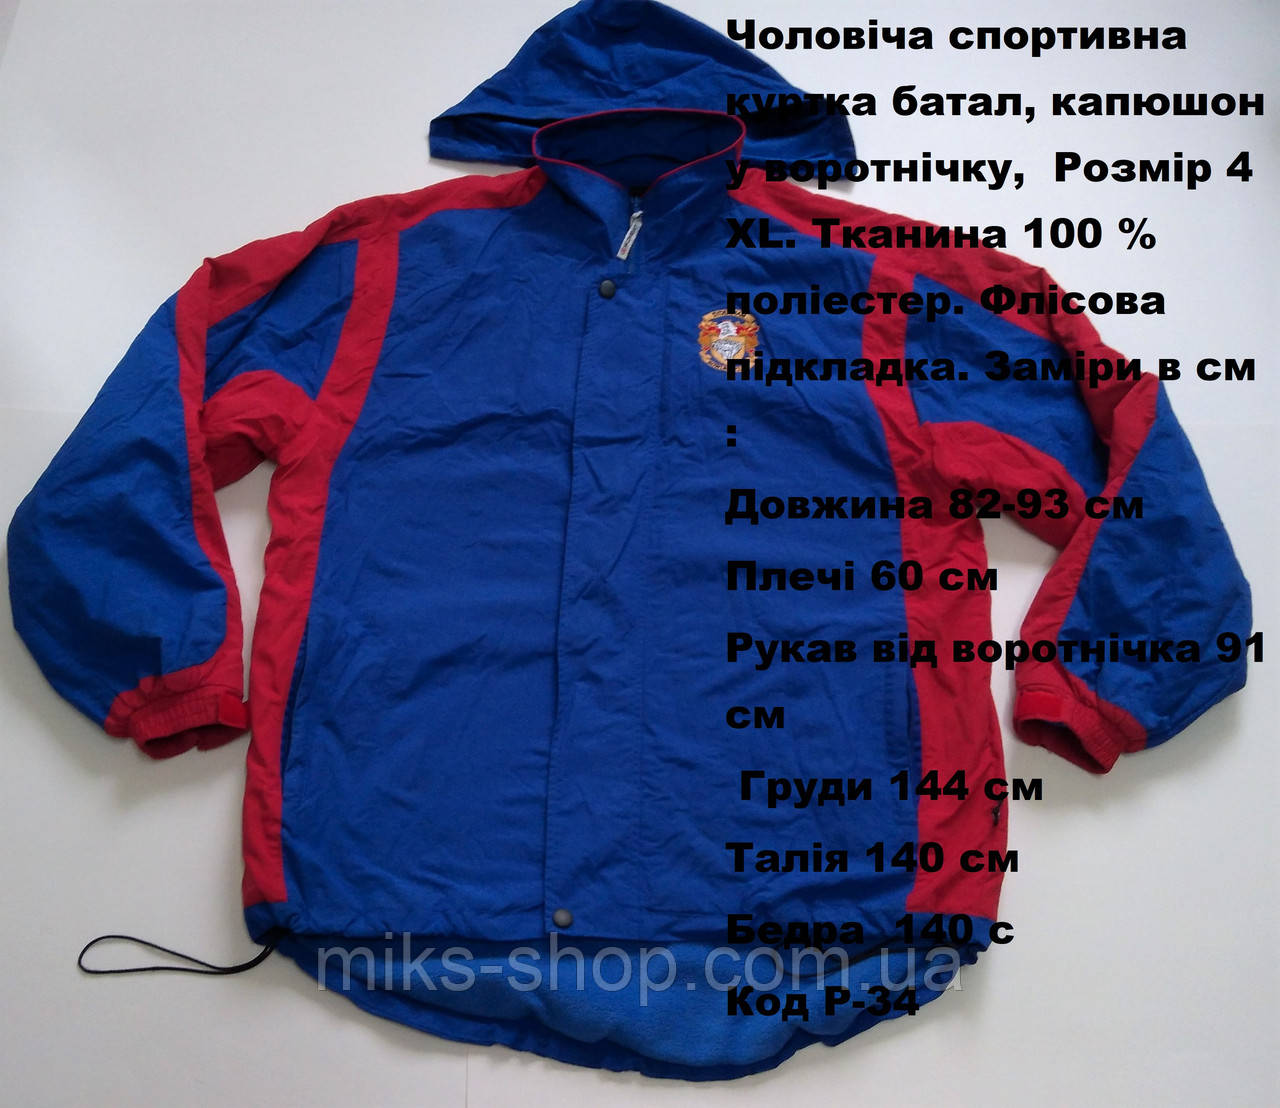 Спортивная Мужская Куртка Батал — в Категории